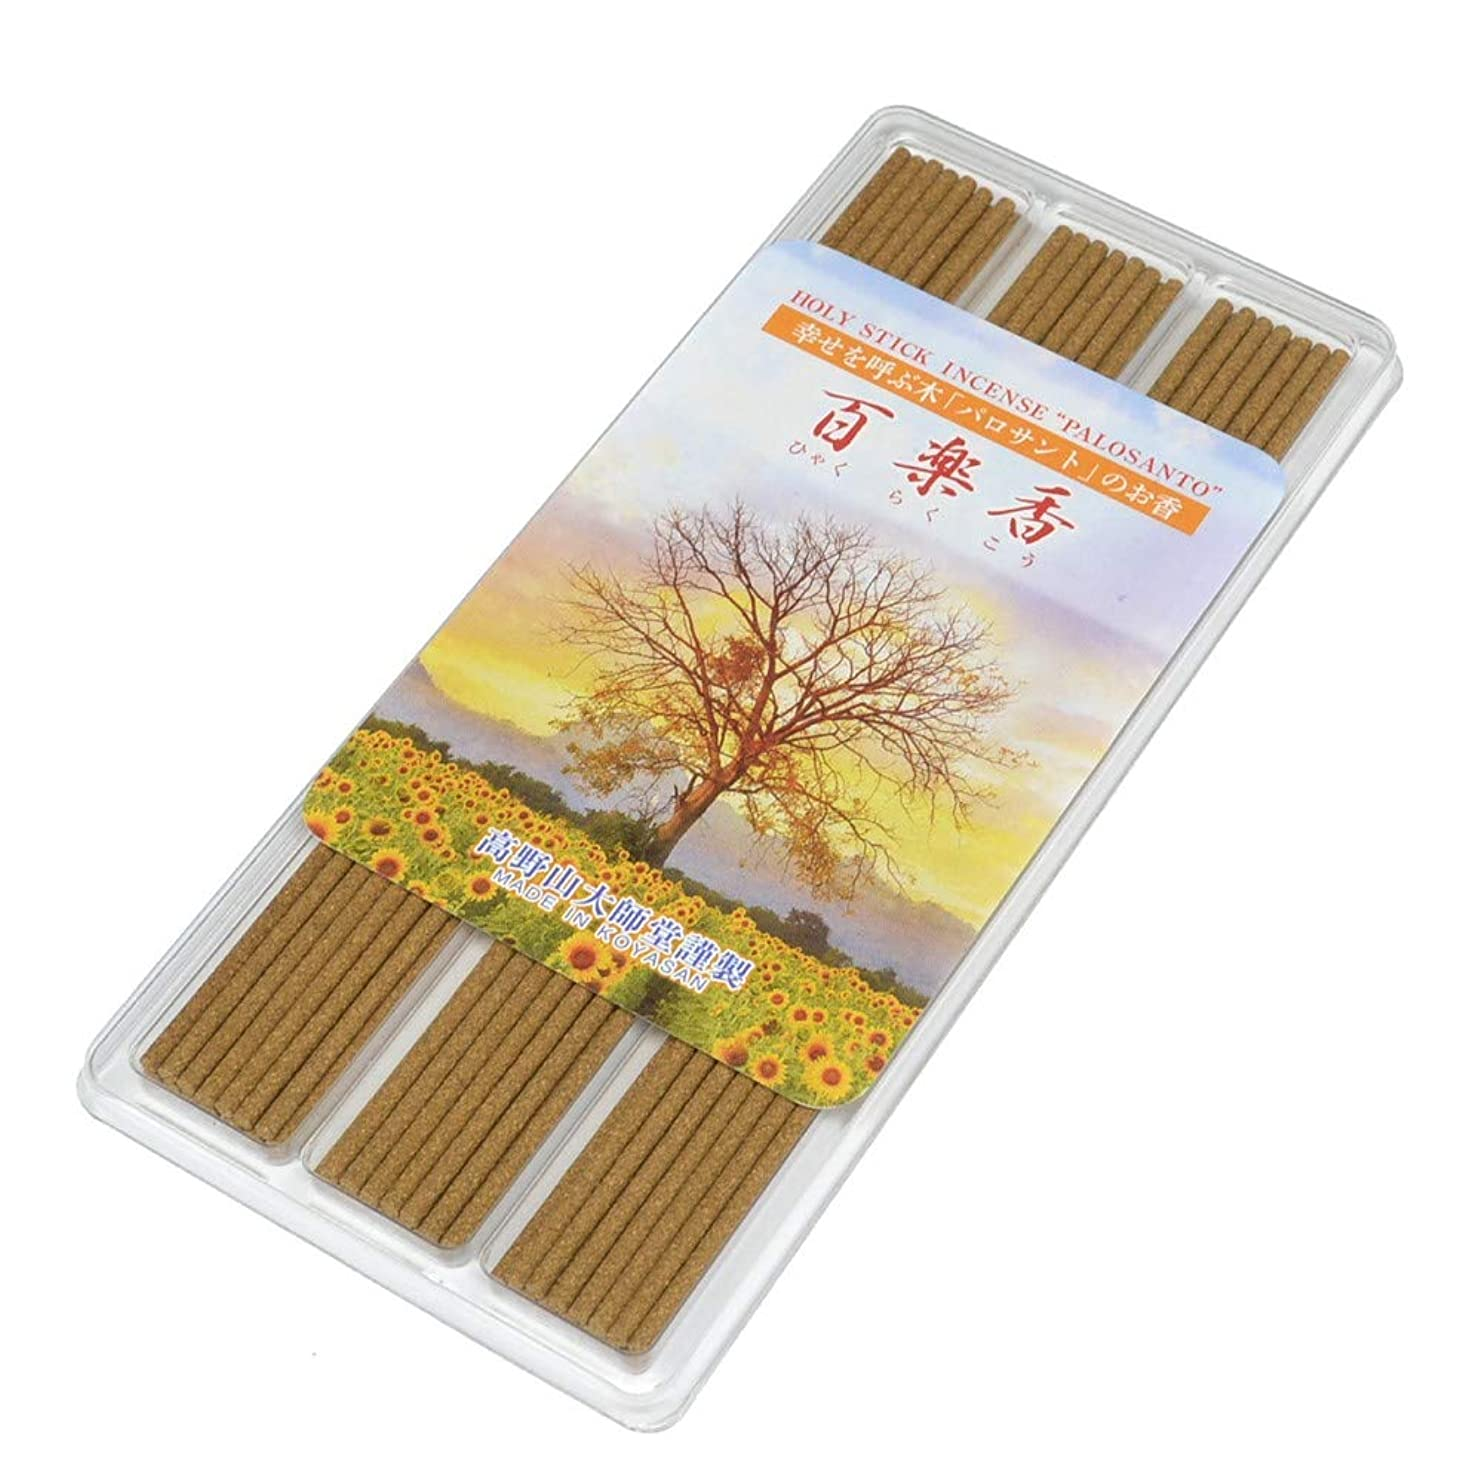 感覚長老虫幸運の木「パロサント」のお香【徳用】Palo Santo Incense